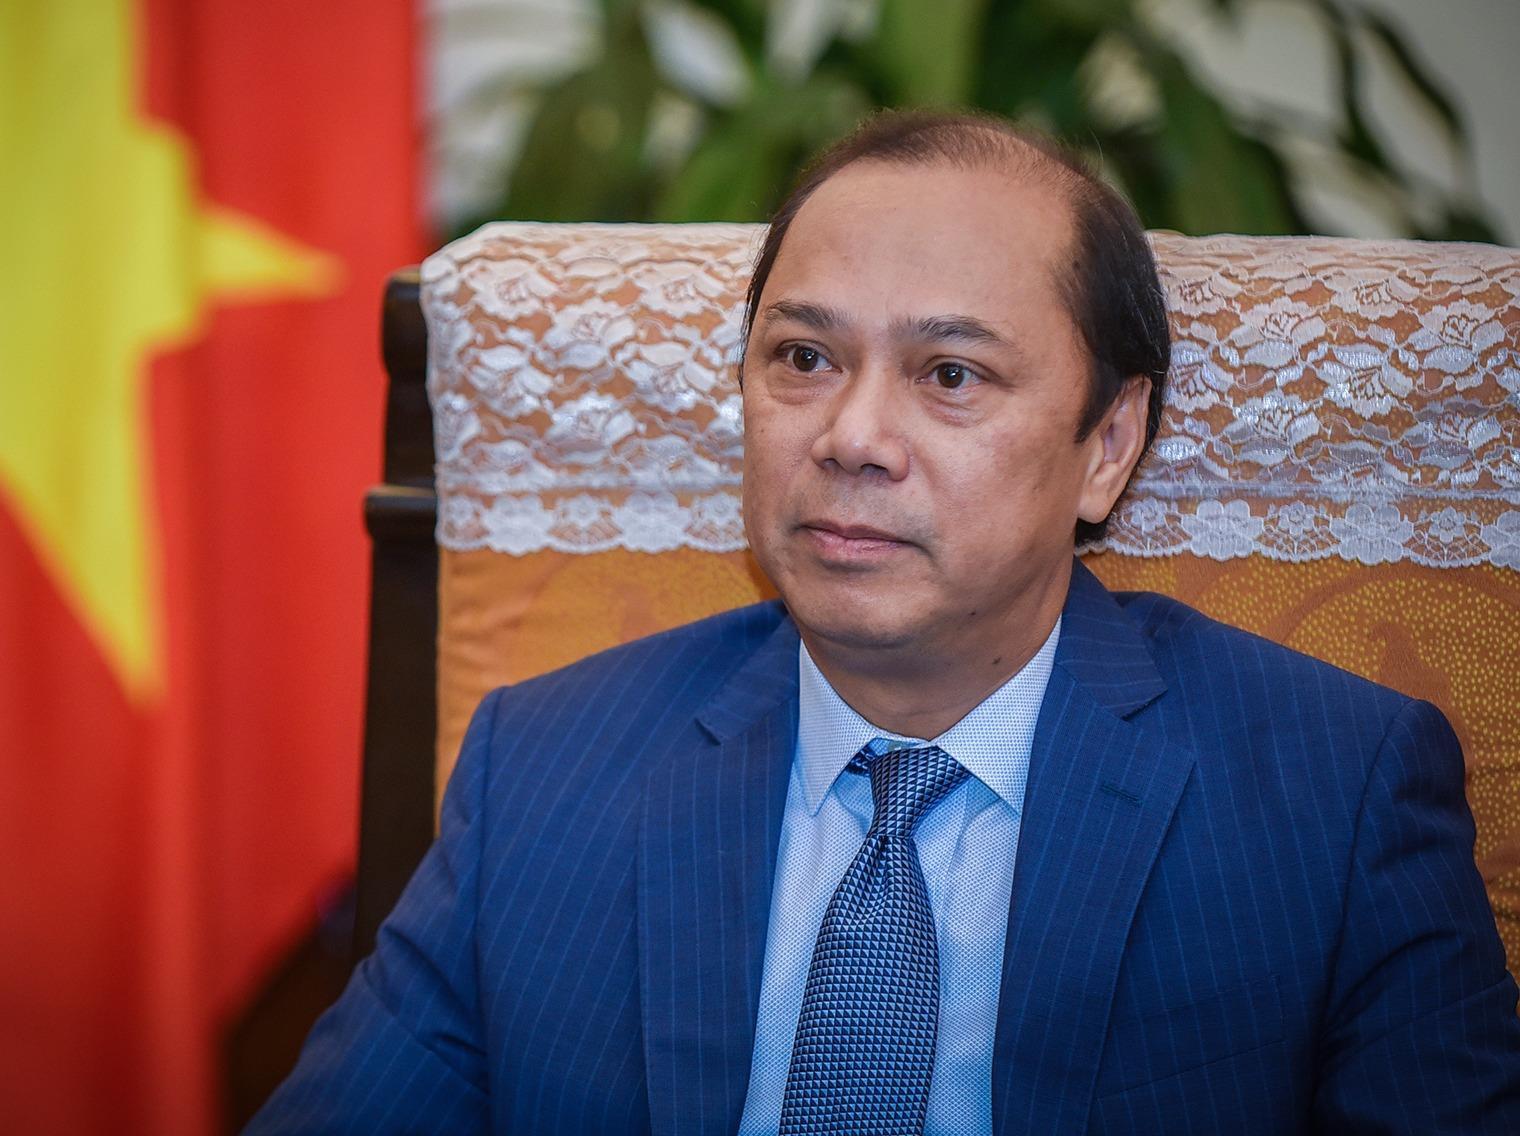 ASEAN tiếp cận vấn đề cấu trúc khu vực một cách cân bằng, thận trọng